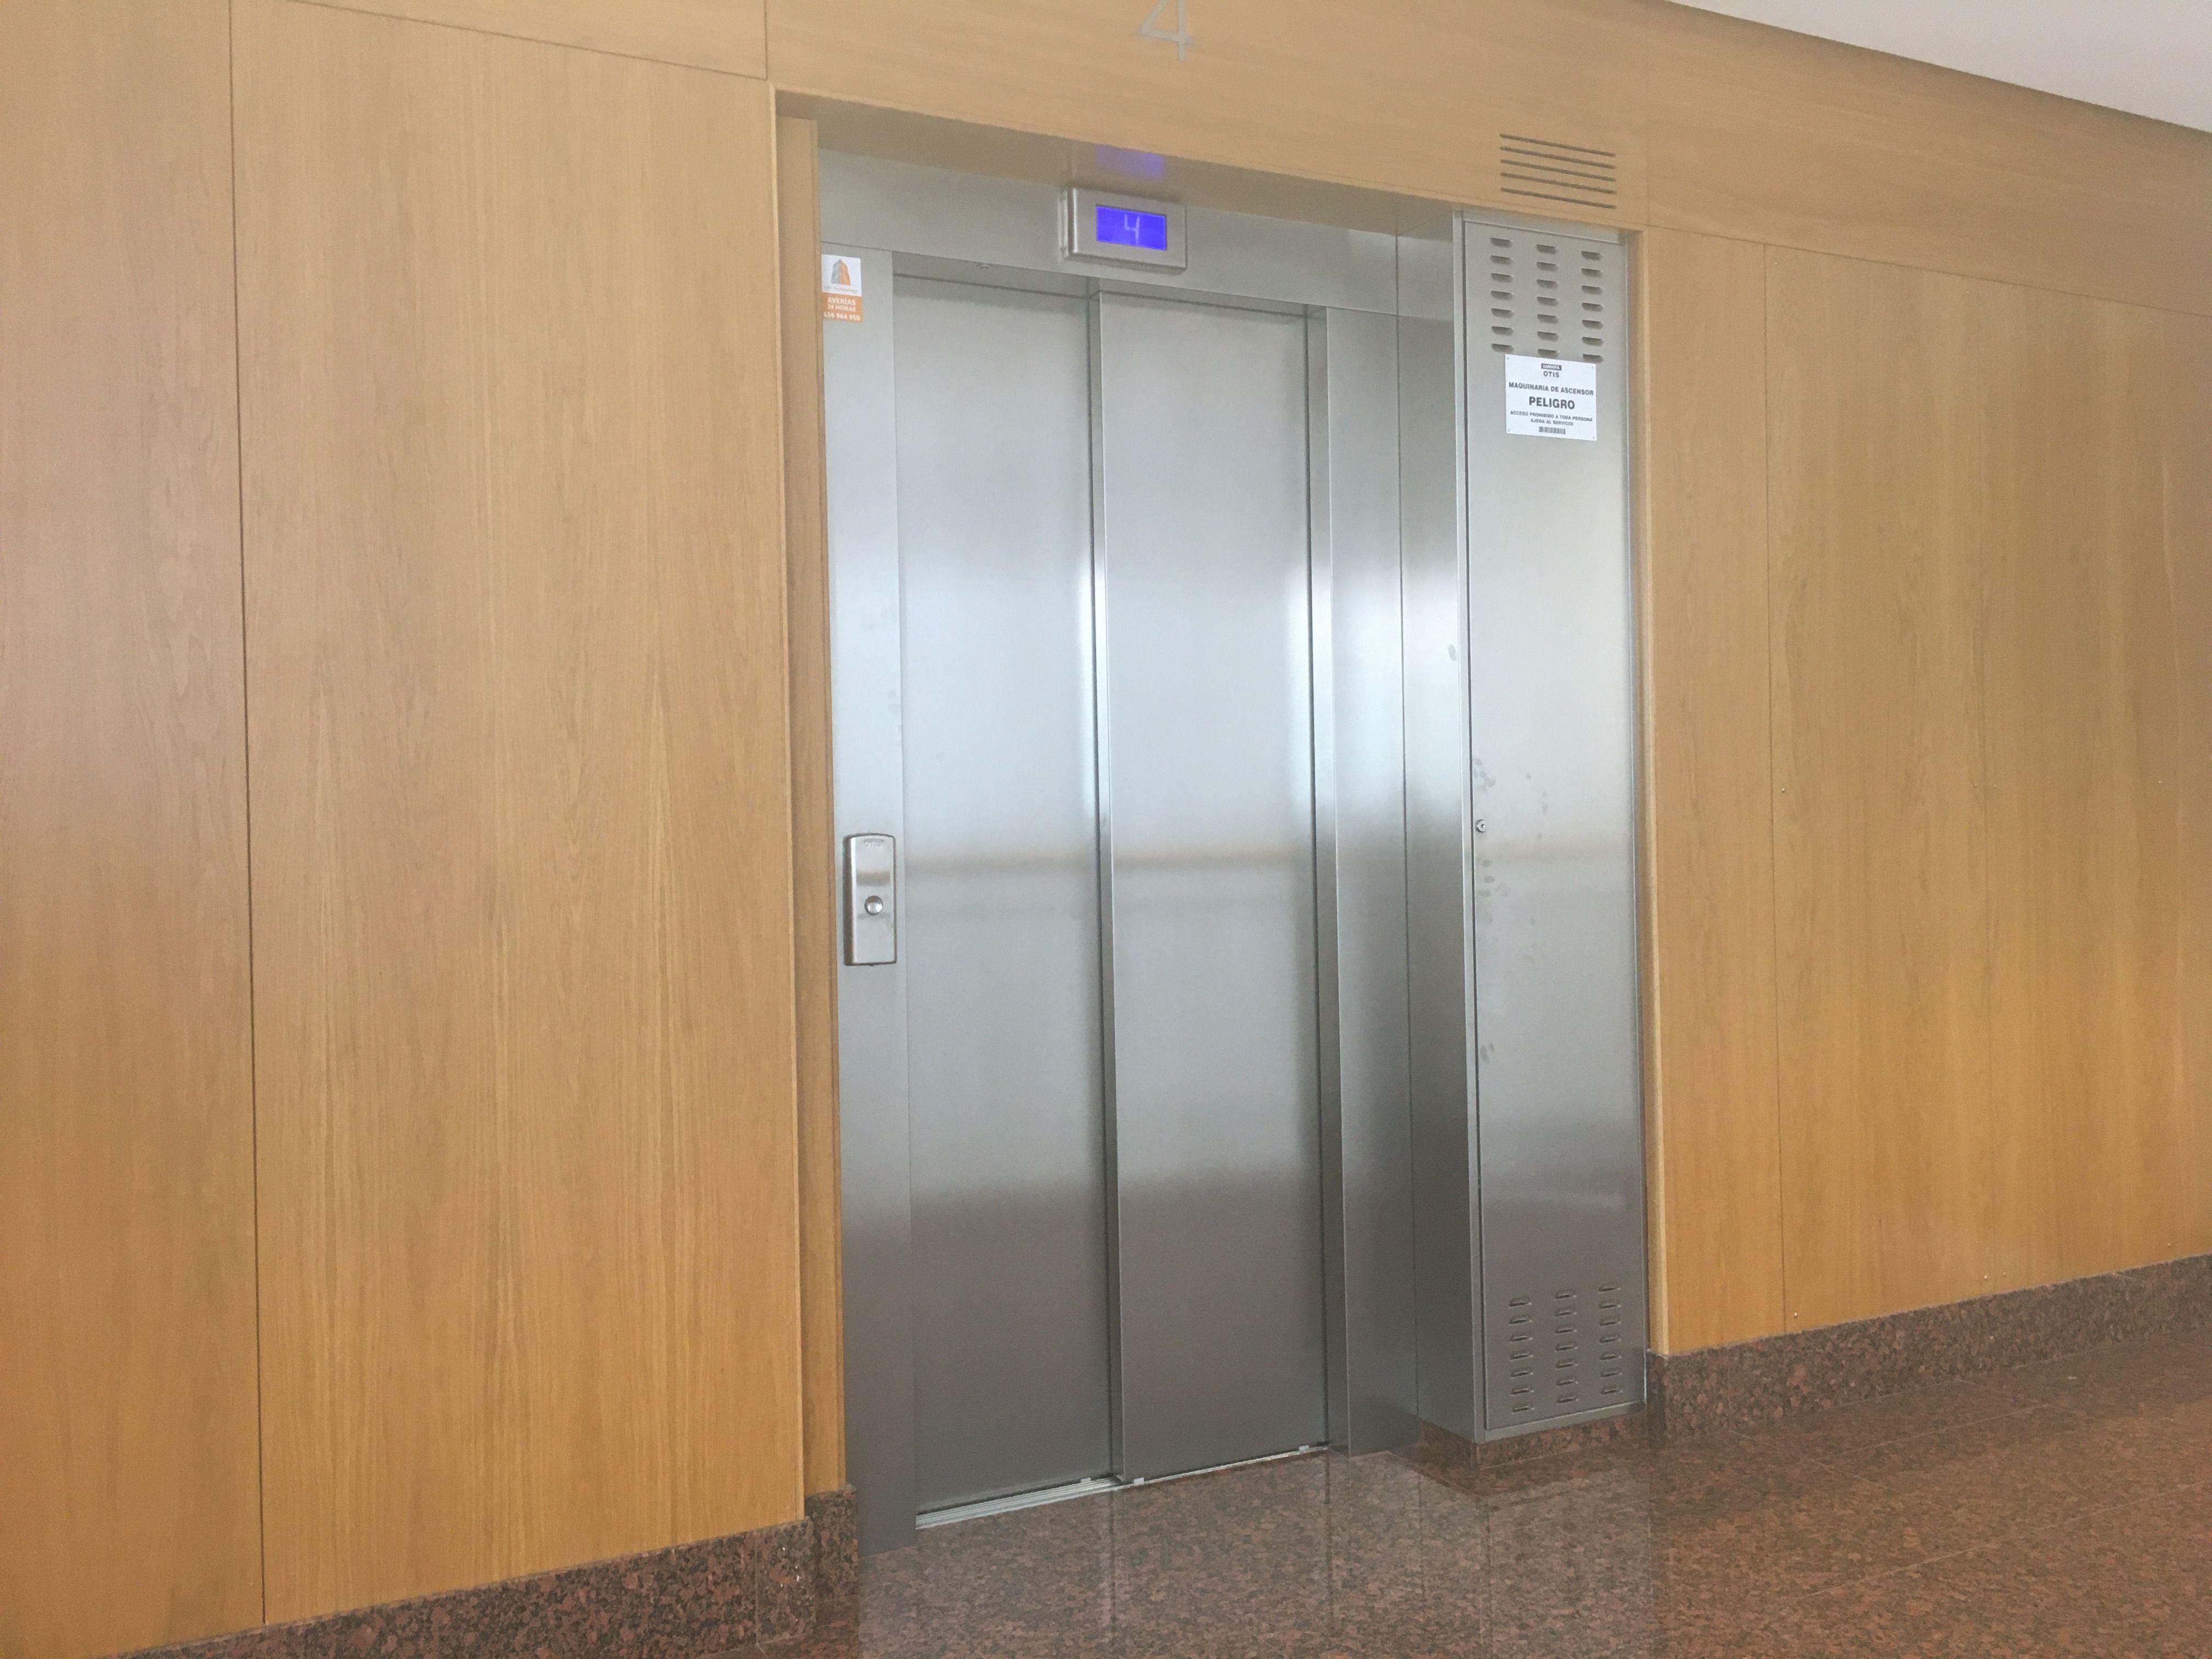 Mantenimiento de ascensores Las Palmas